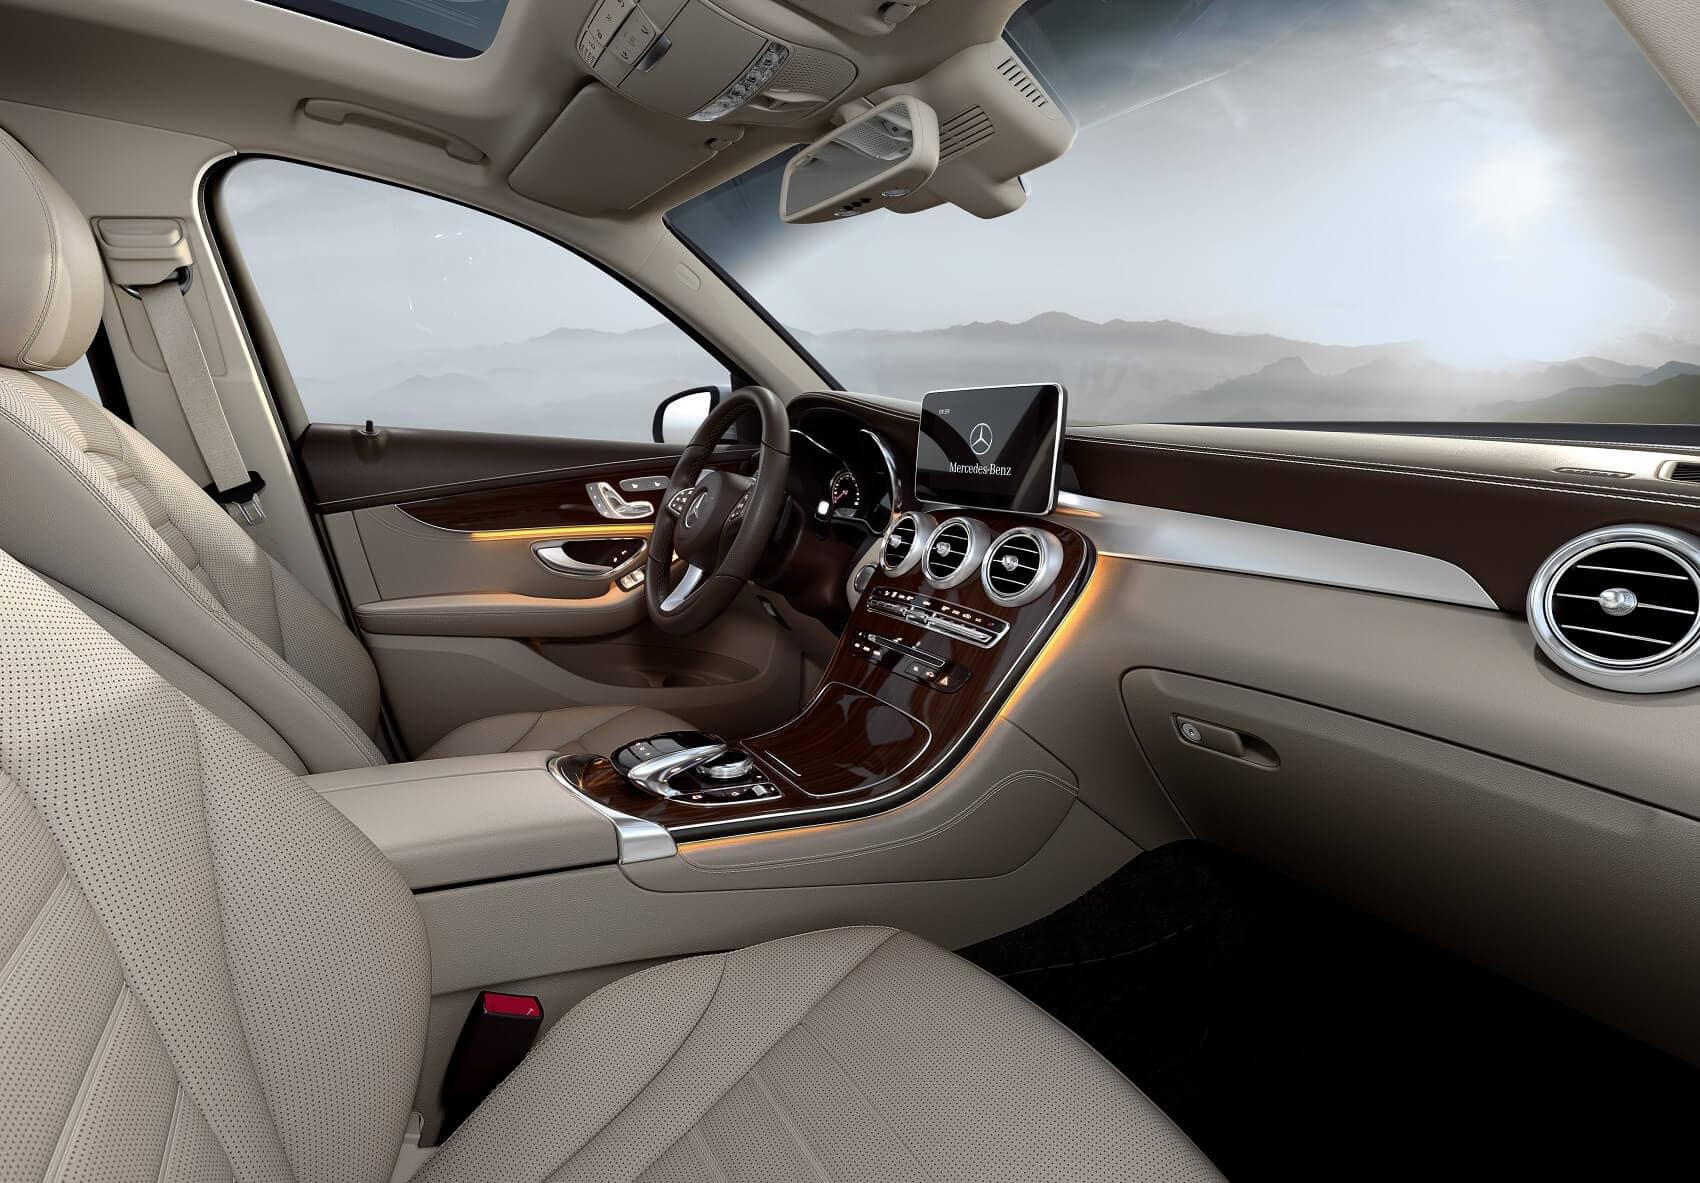 Mercedes-Benz GLC Interior